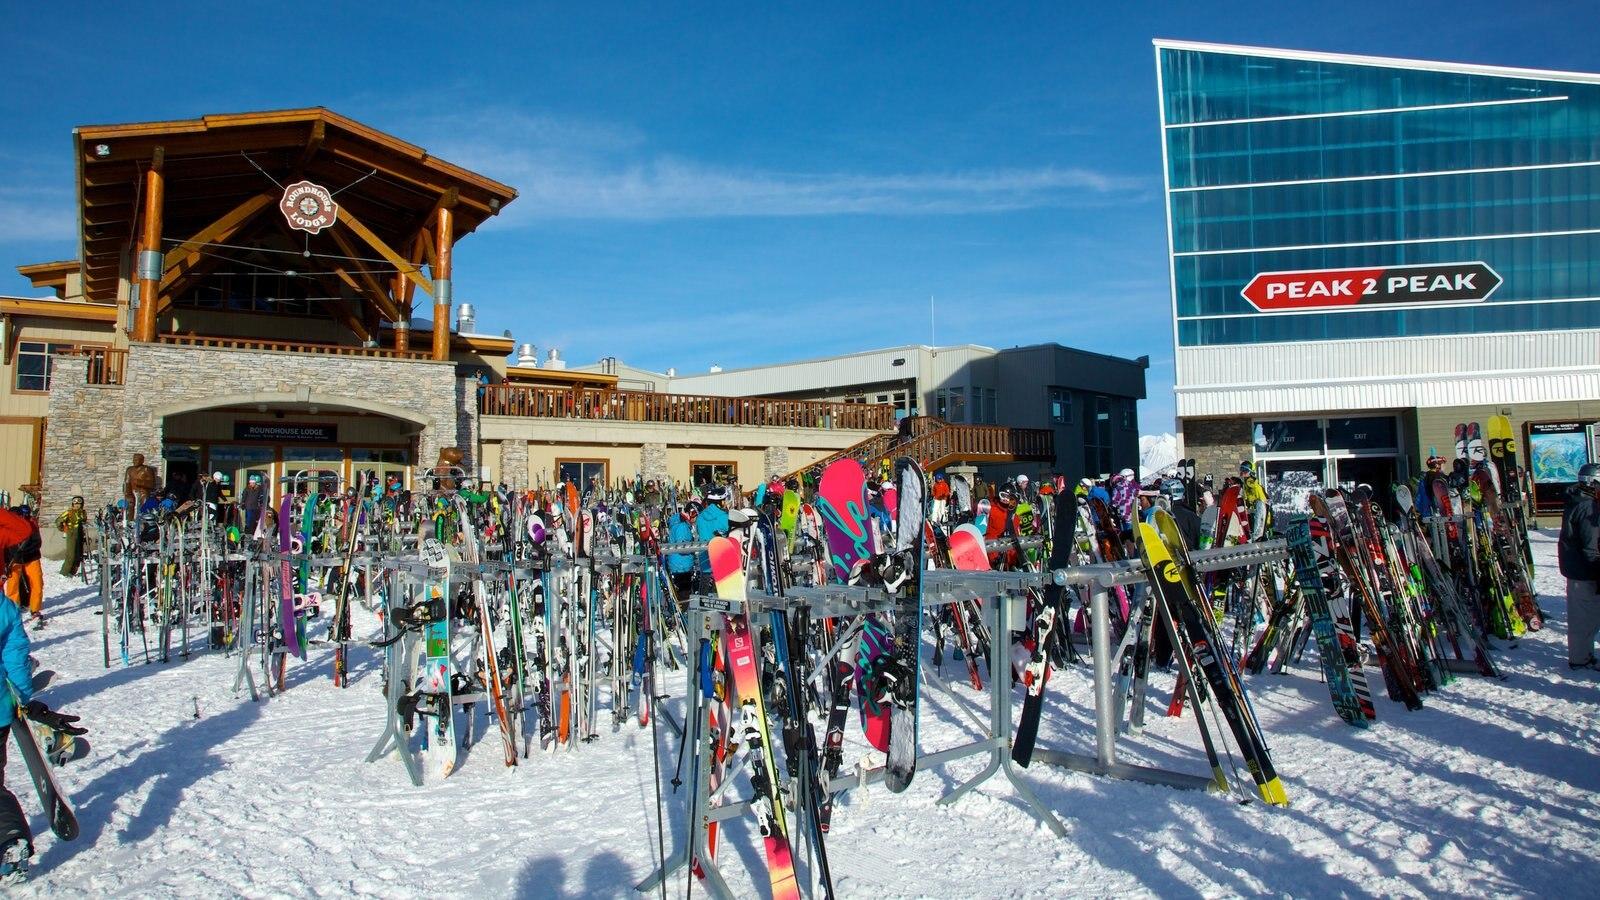 Teleférico Peak 2 Peak que incluye después de esquiar y nieve